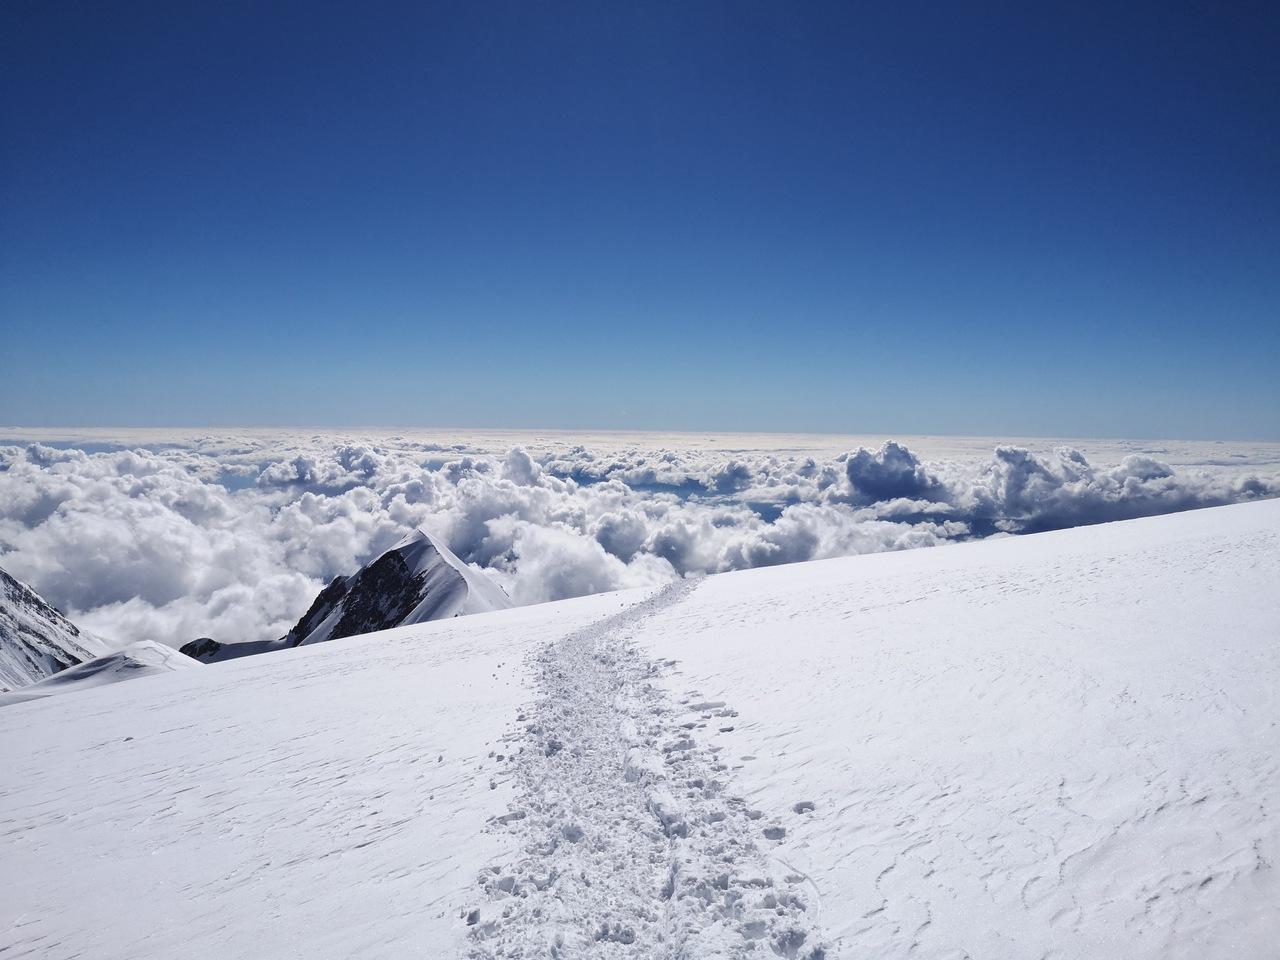 wielkie śniegi